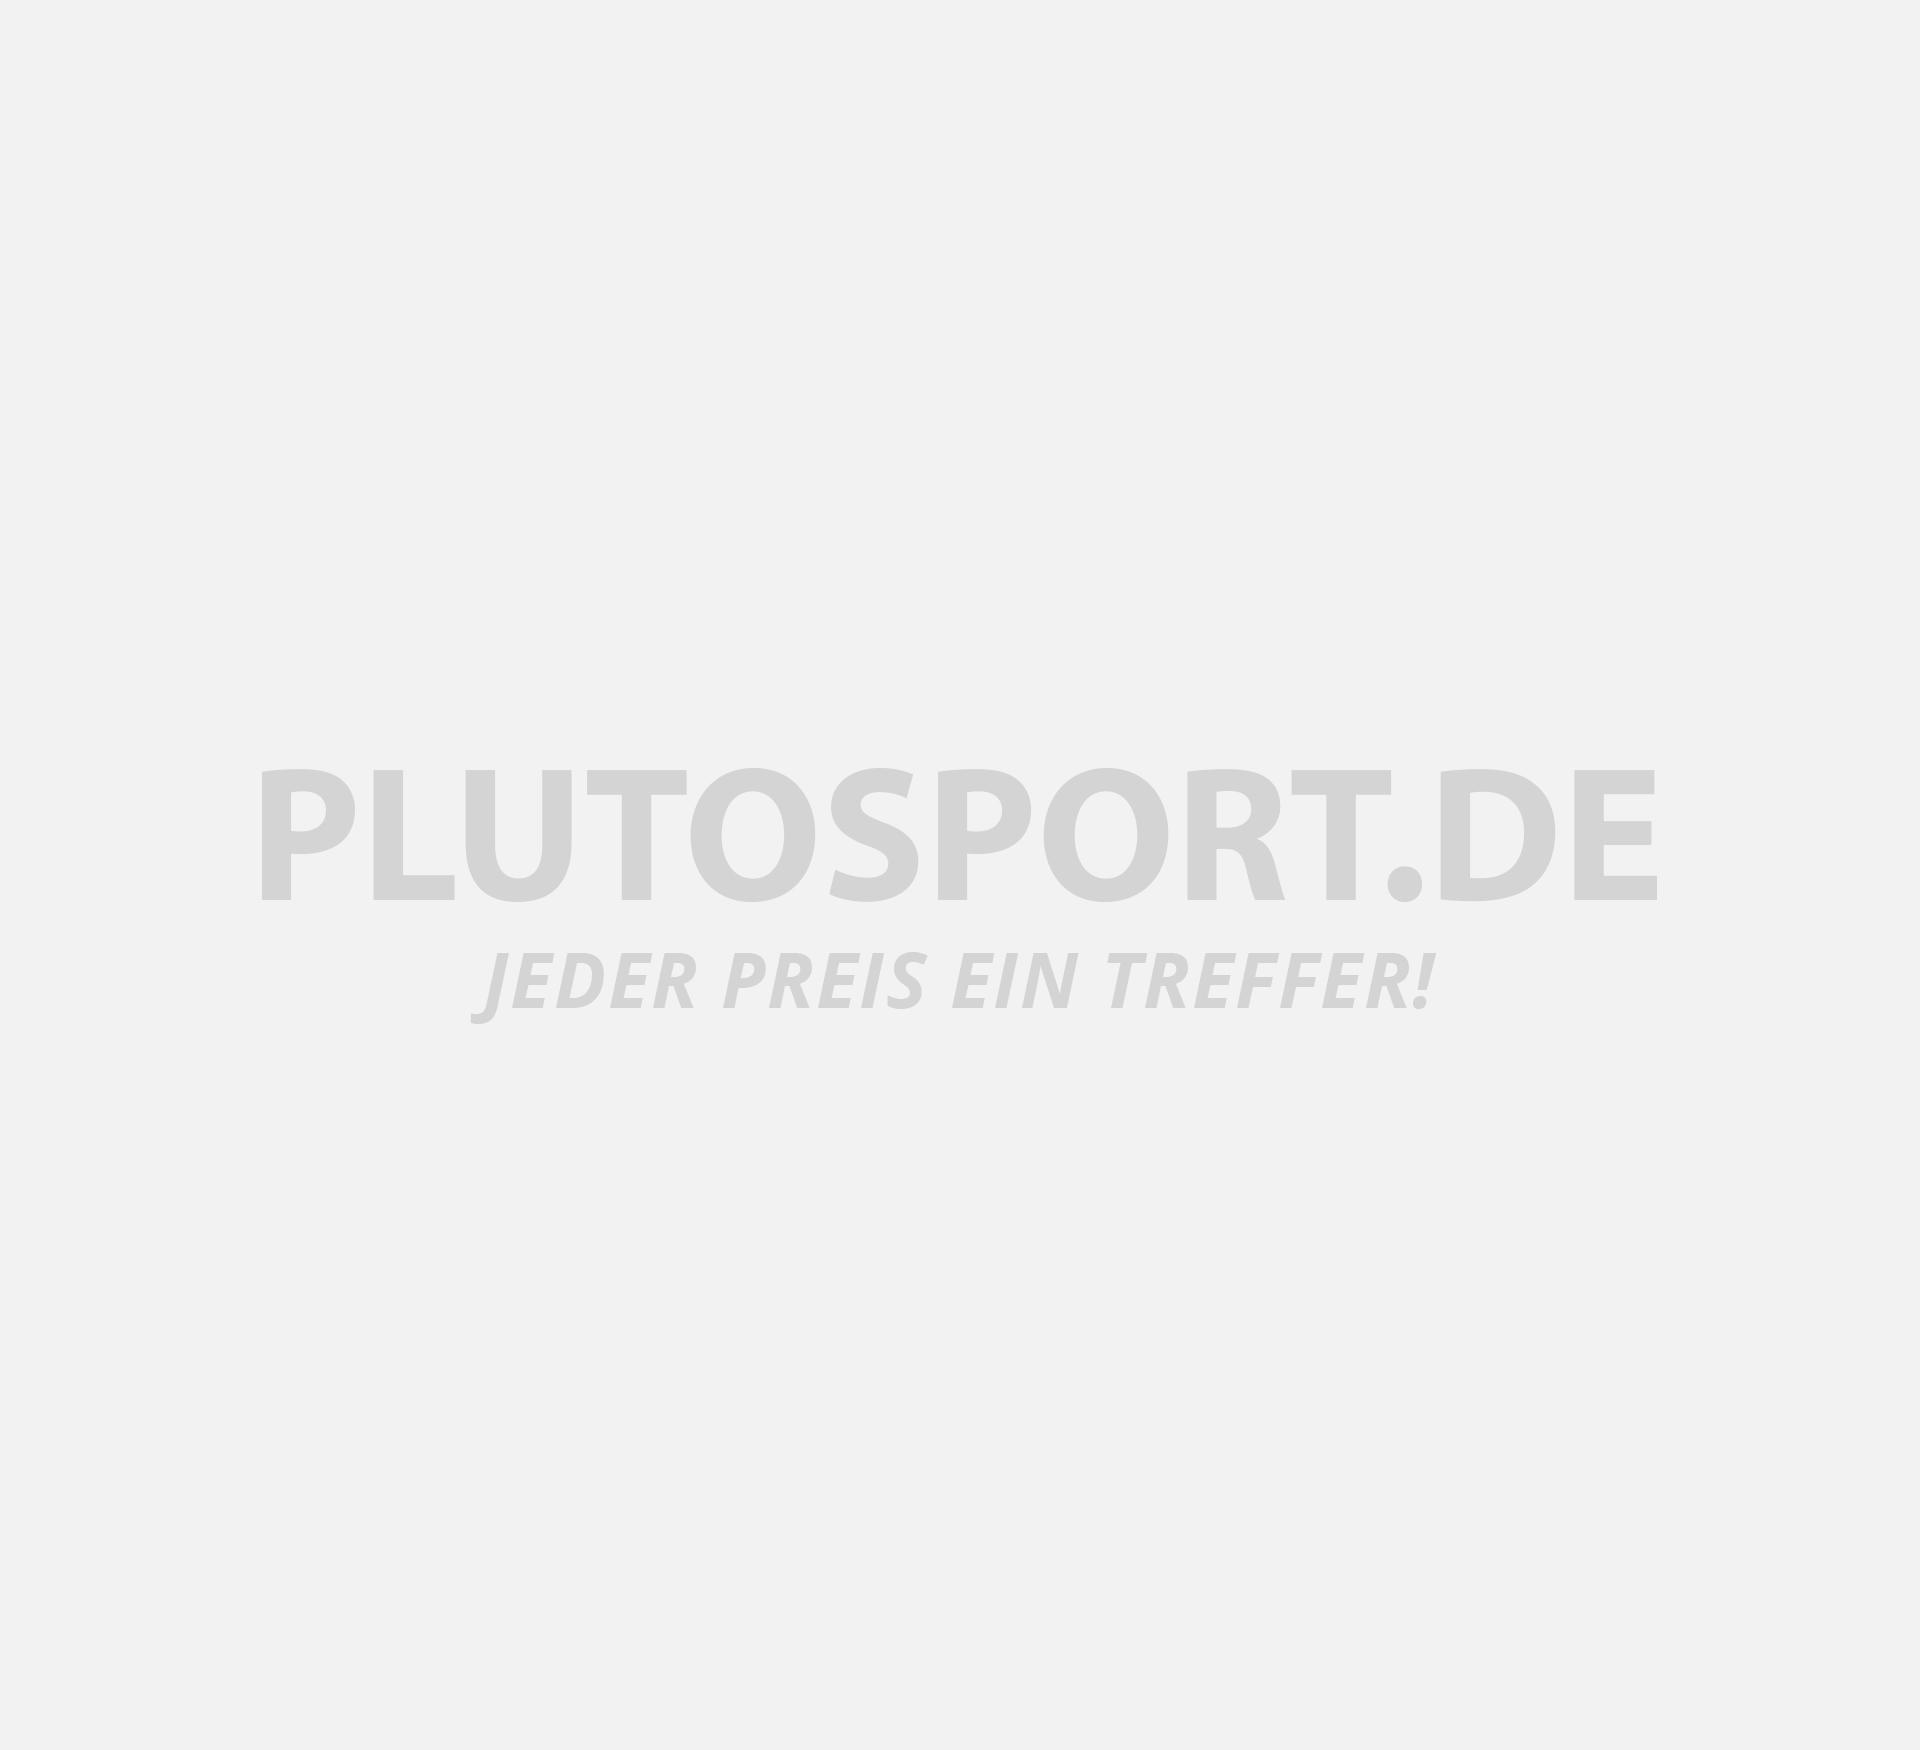 Asics Gel-Kayano 26 Laufsportschuhe Damen